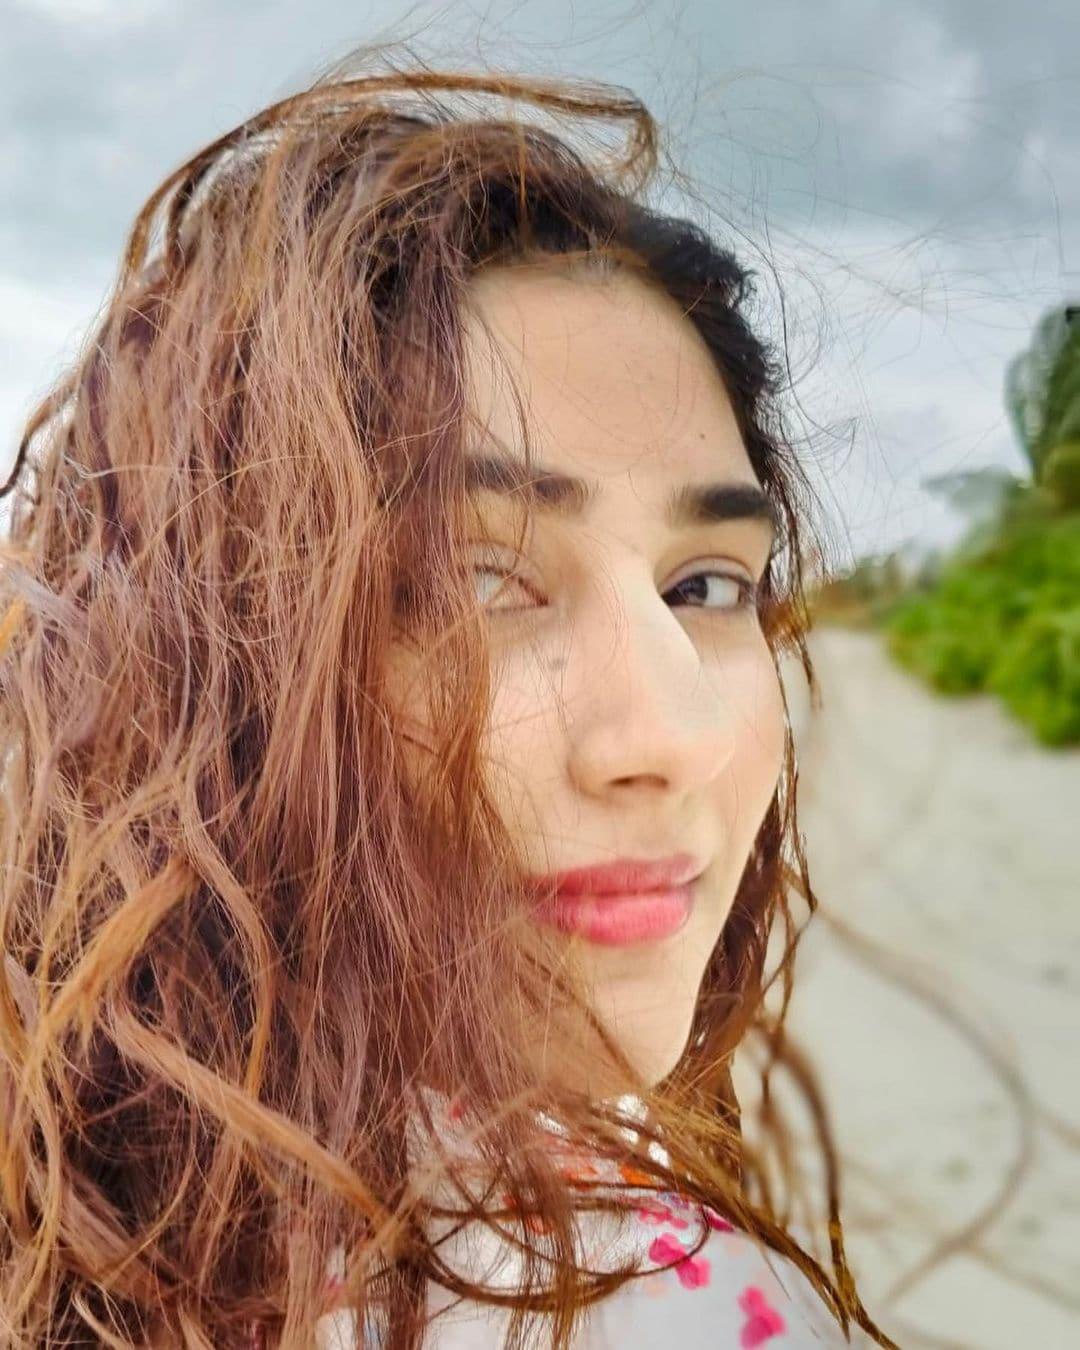 दिशा ने अपने इस हनीमून की कई रोमांटिक तस्वीरों को अपने फैंस के साथ शेयर कर रहीं हैं. फोटो साभार- @dishaparmar/ Instagram